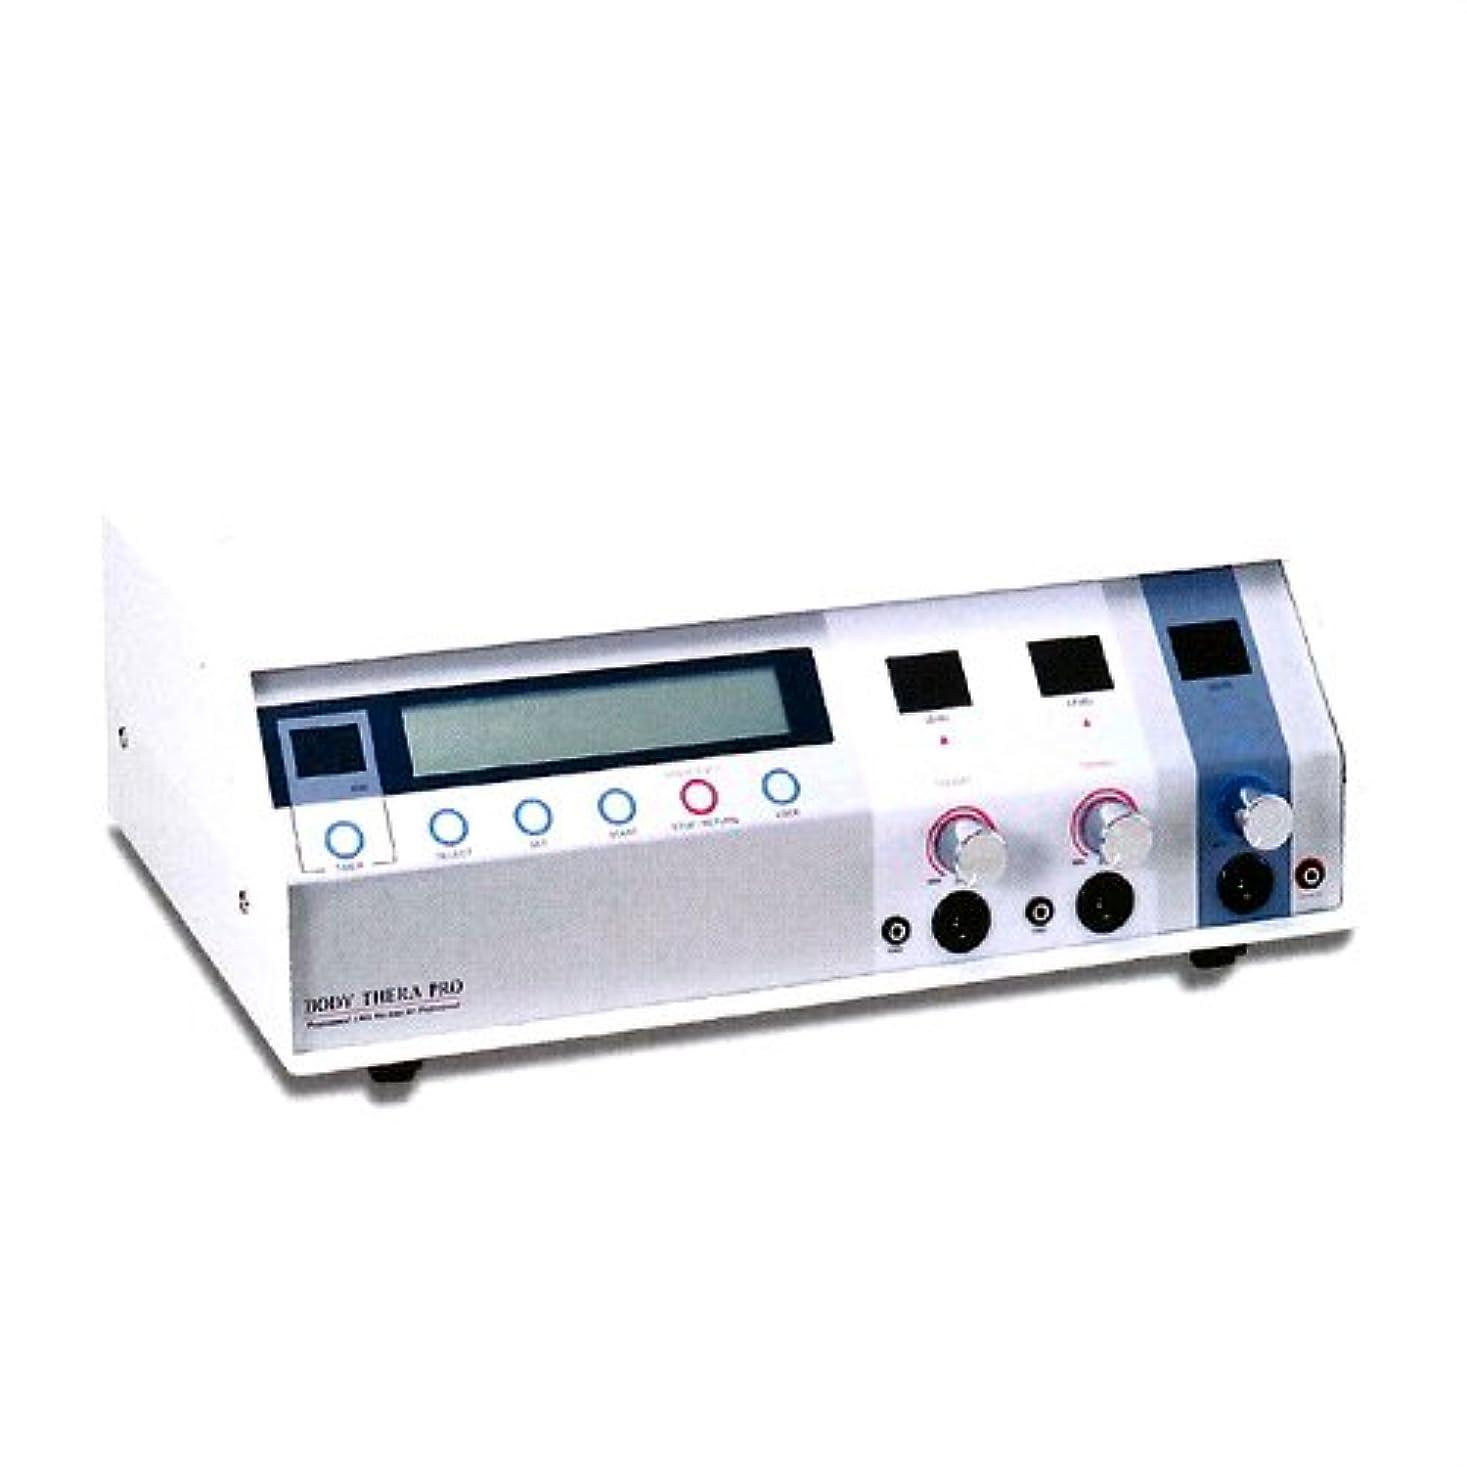 フォーマル眠り蒸発回転式ポイント通電電流刺激美容器 伊藤超短波 ボディセラプロ